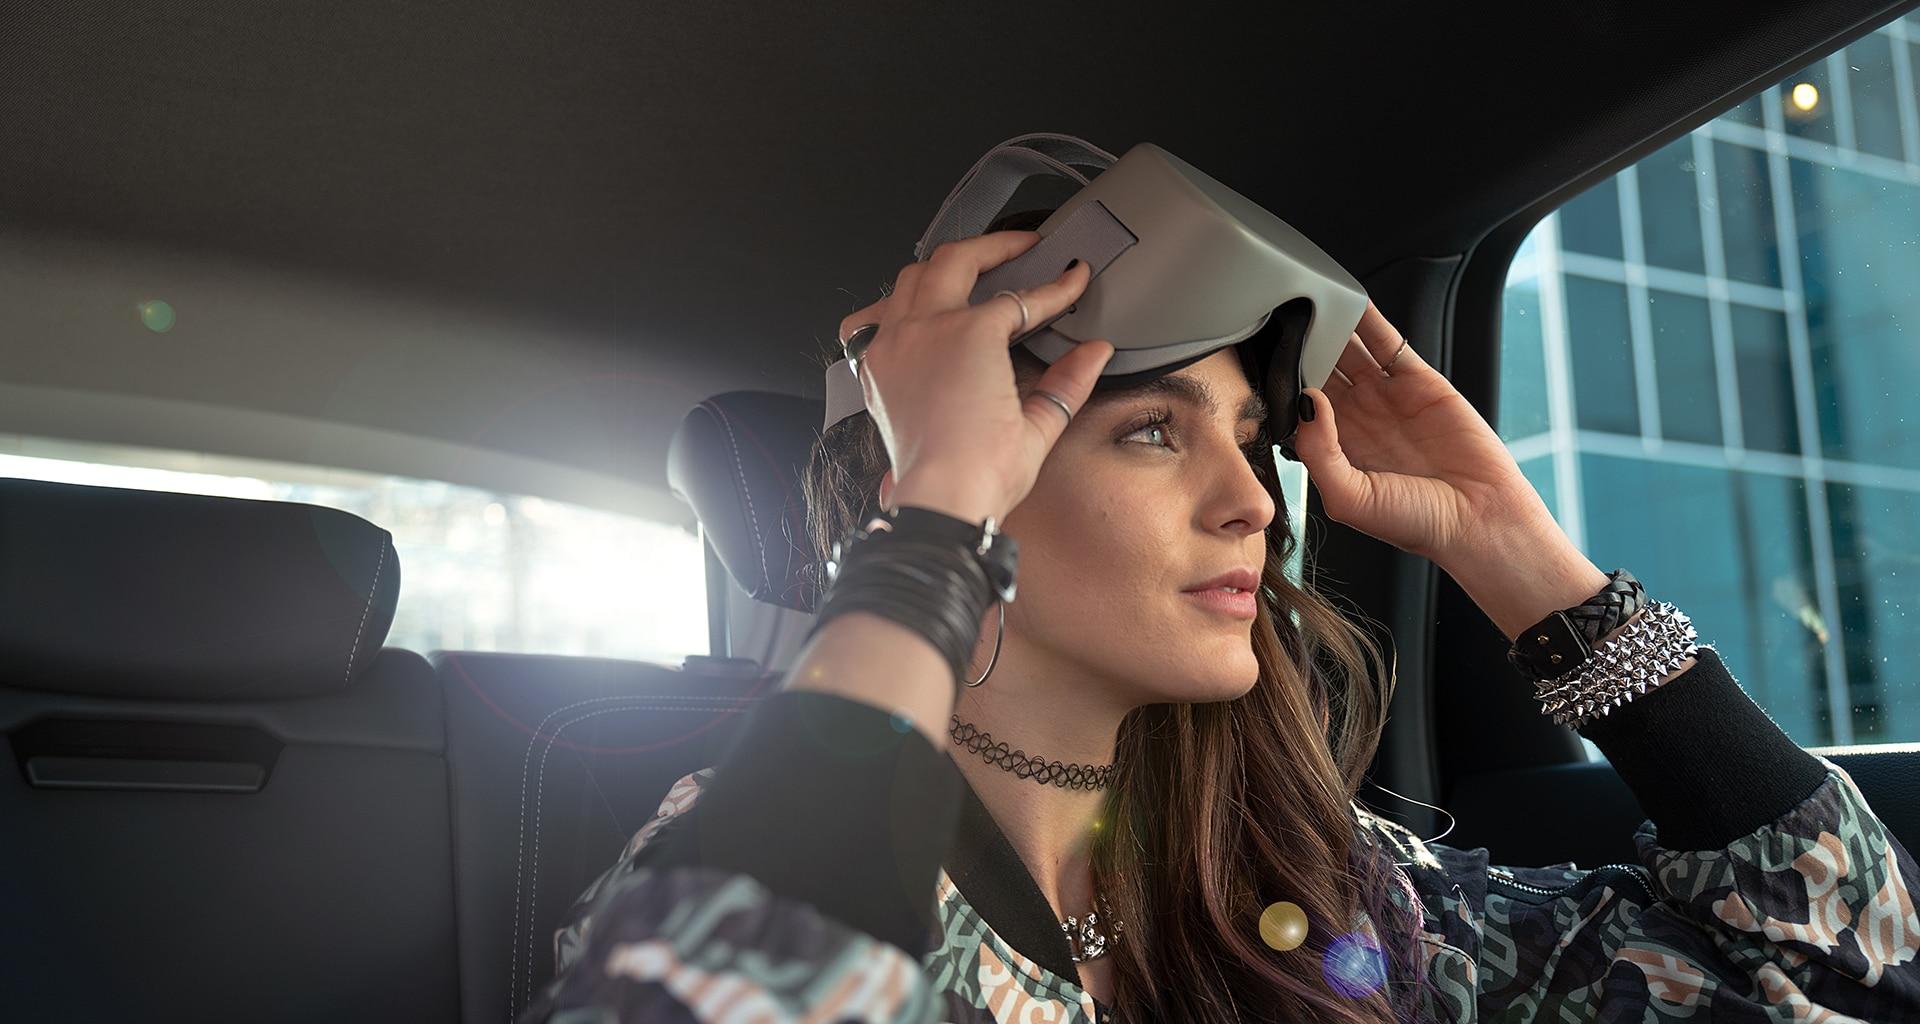 Dekle si je med vožnjo odstanilo VR očala